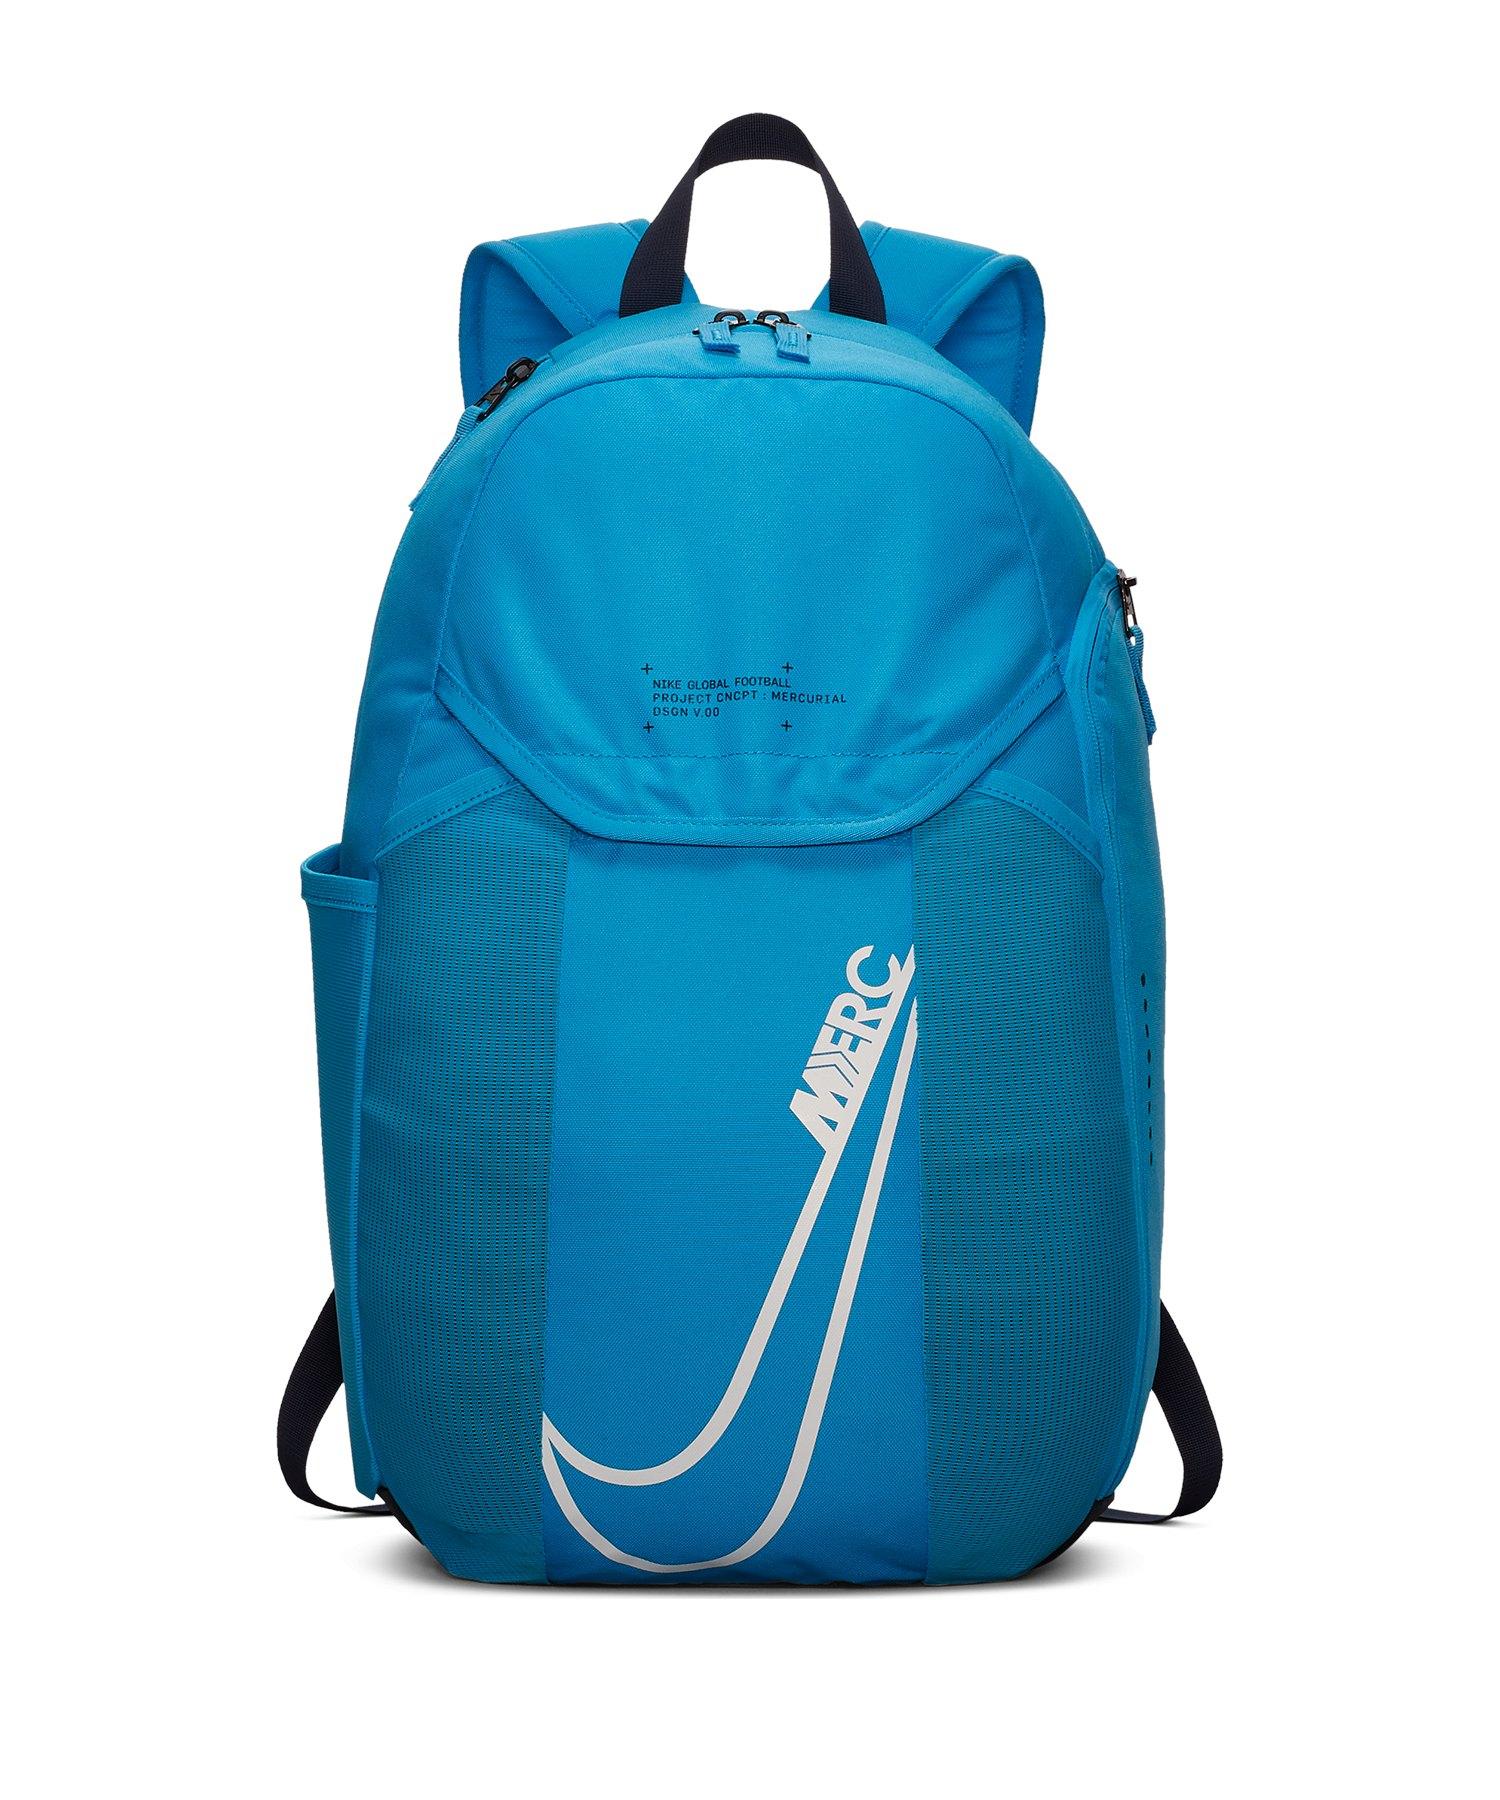 Nike Mercurial Backpack Rucksack Blau F486 - blau